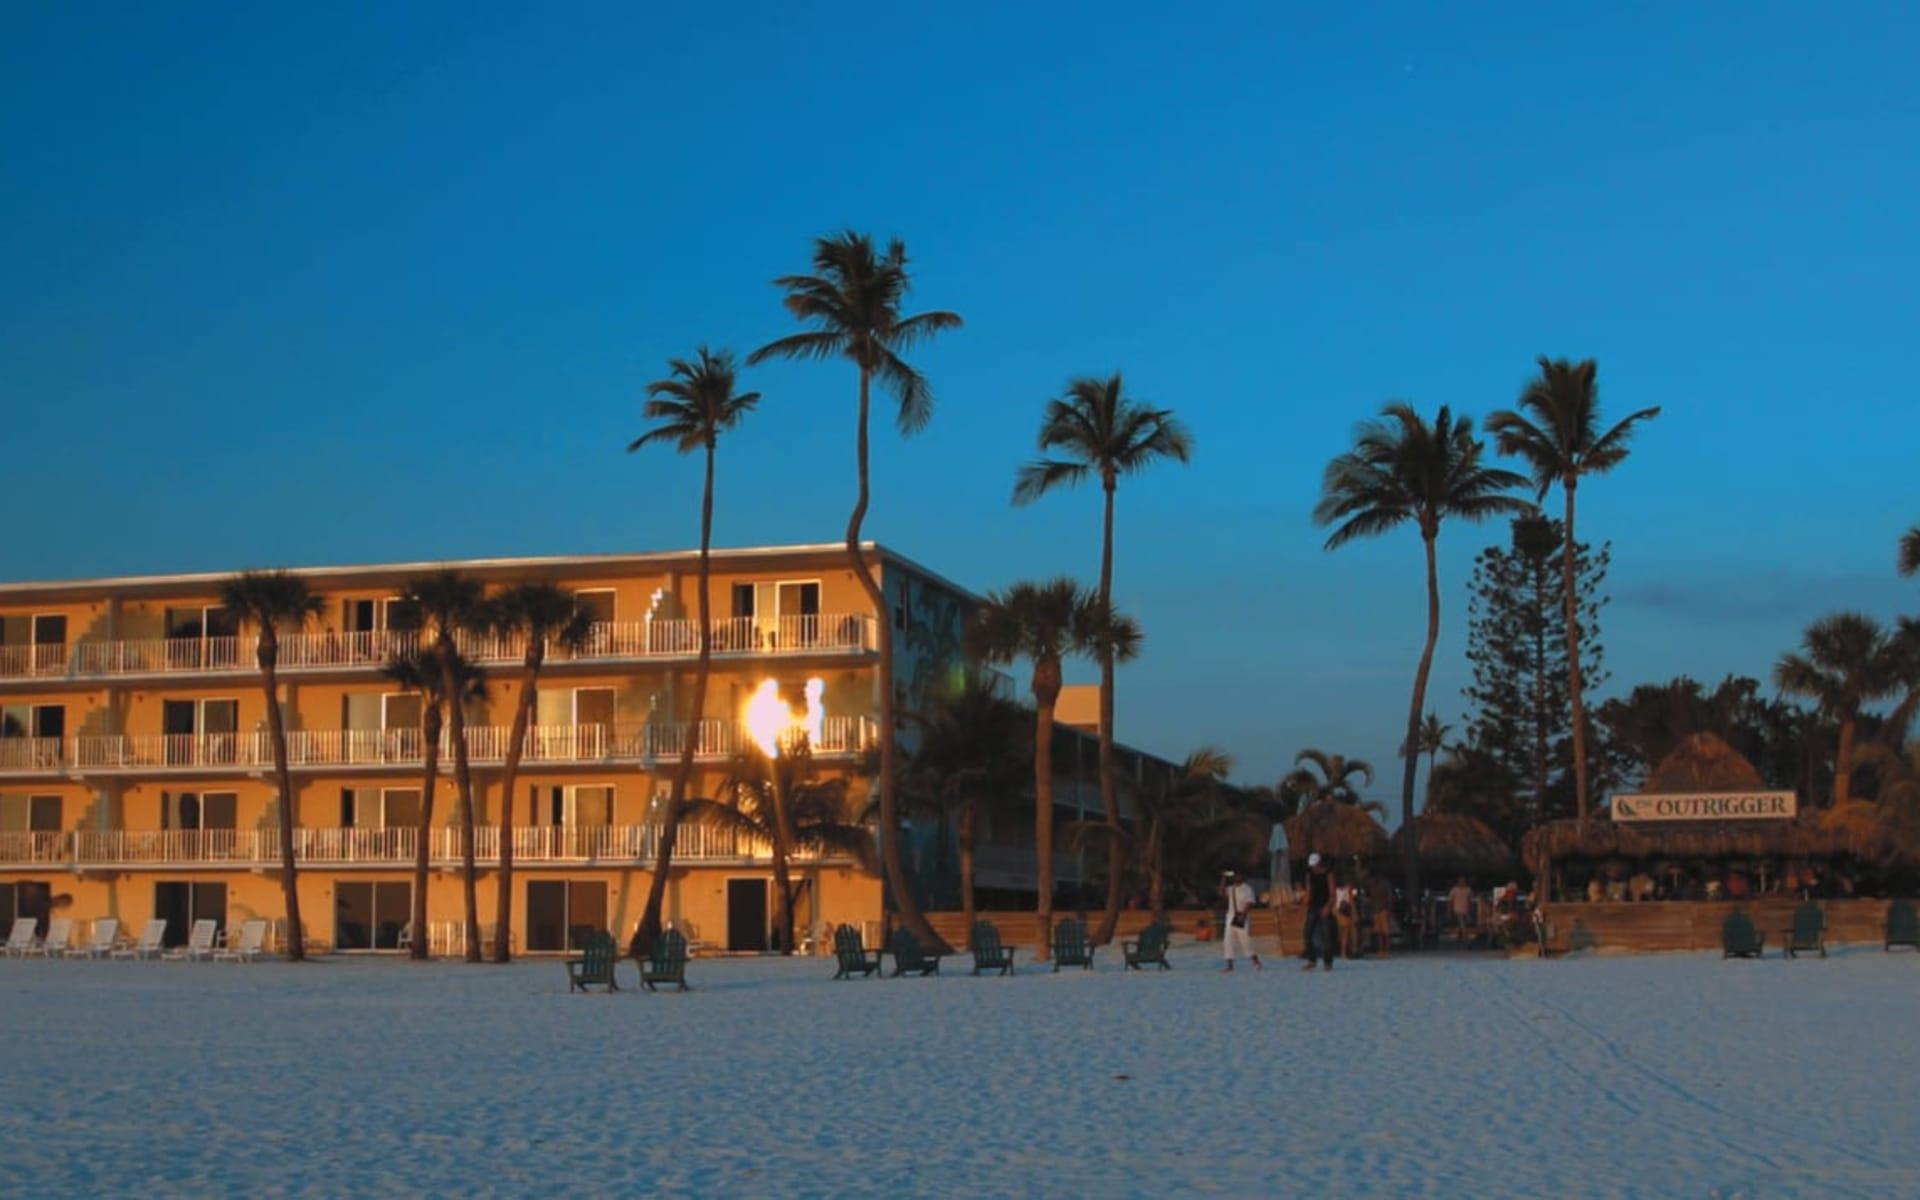 Outrigger Beach Resort in Fort Myers:  Outrigger Beach Resort - Aussenansicht